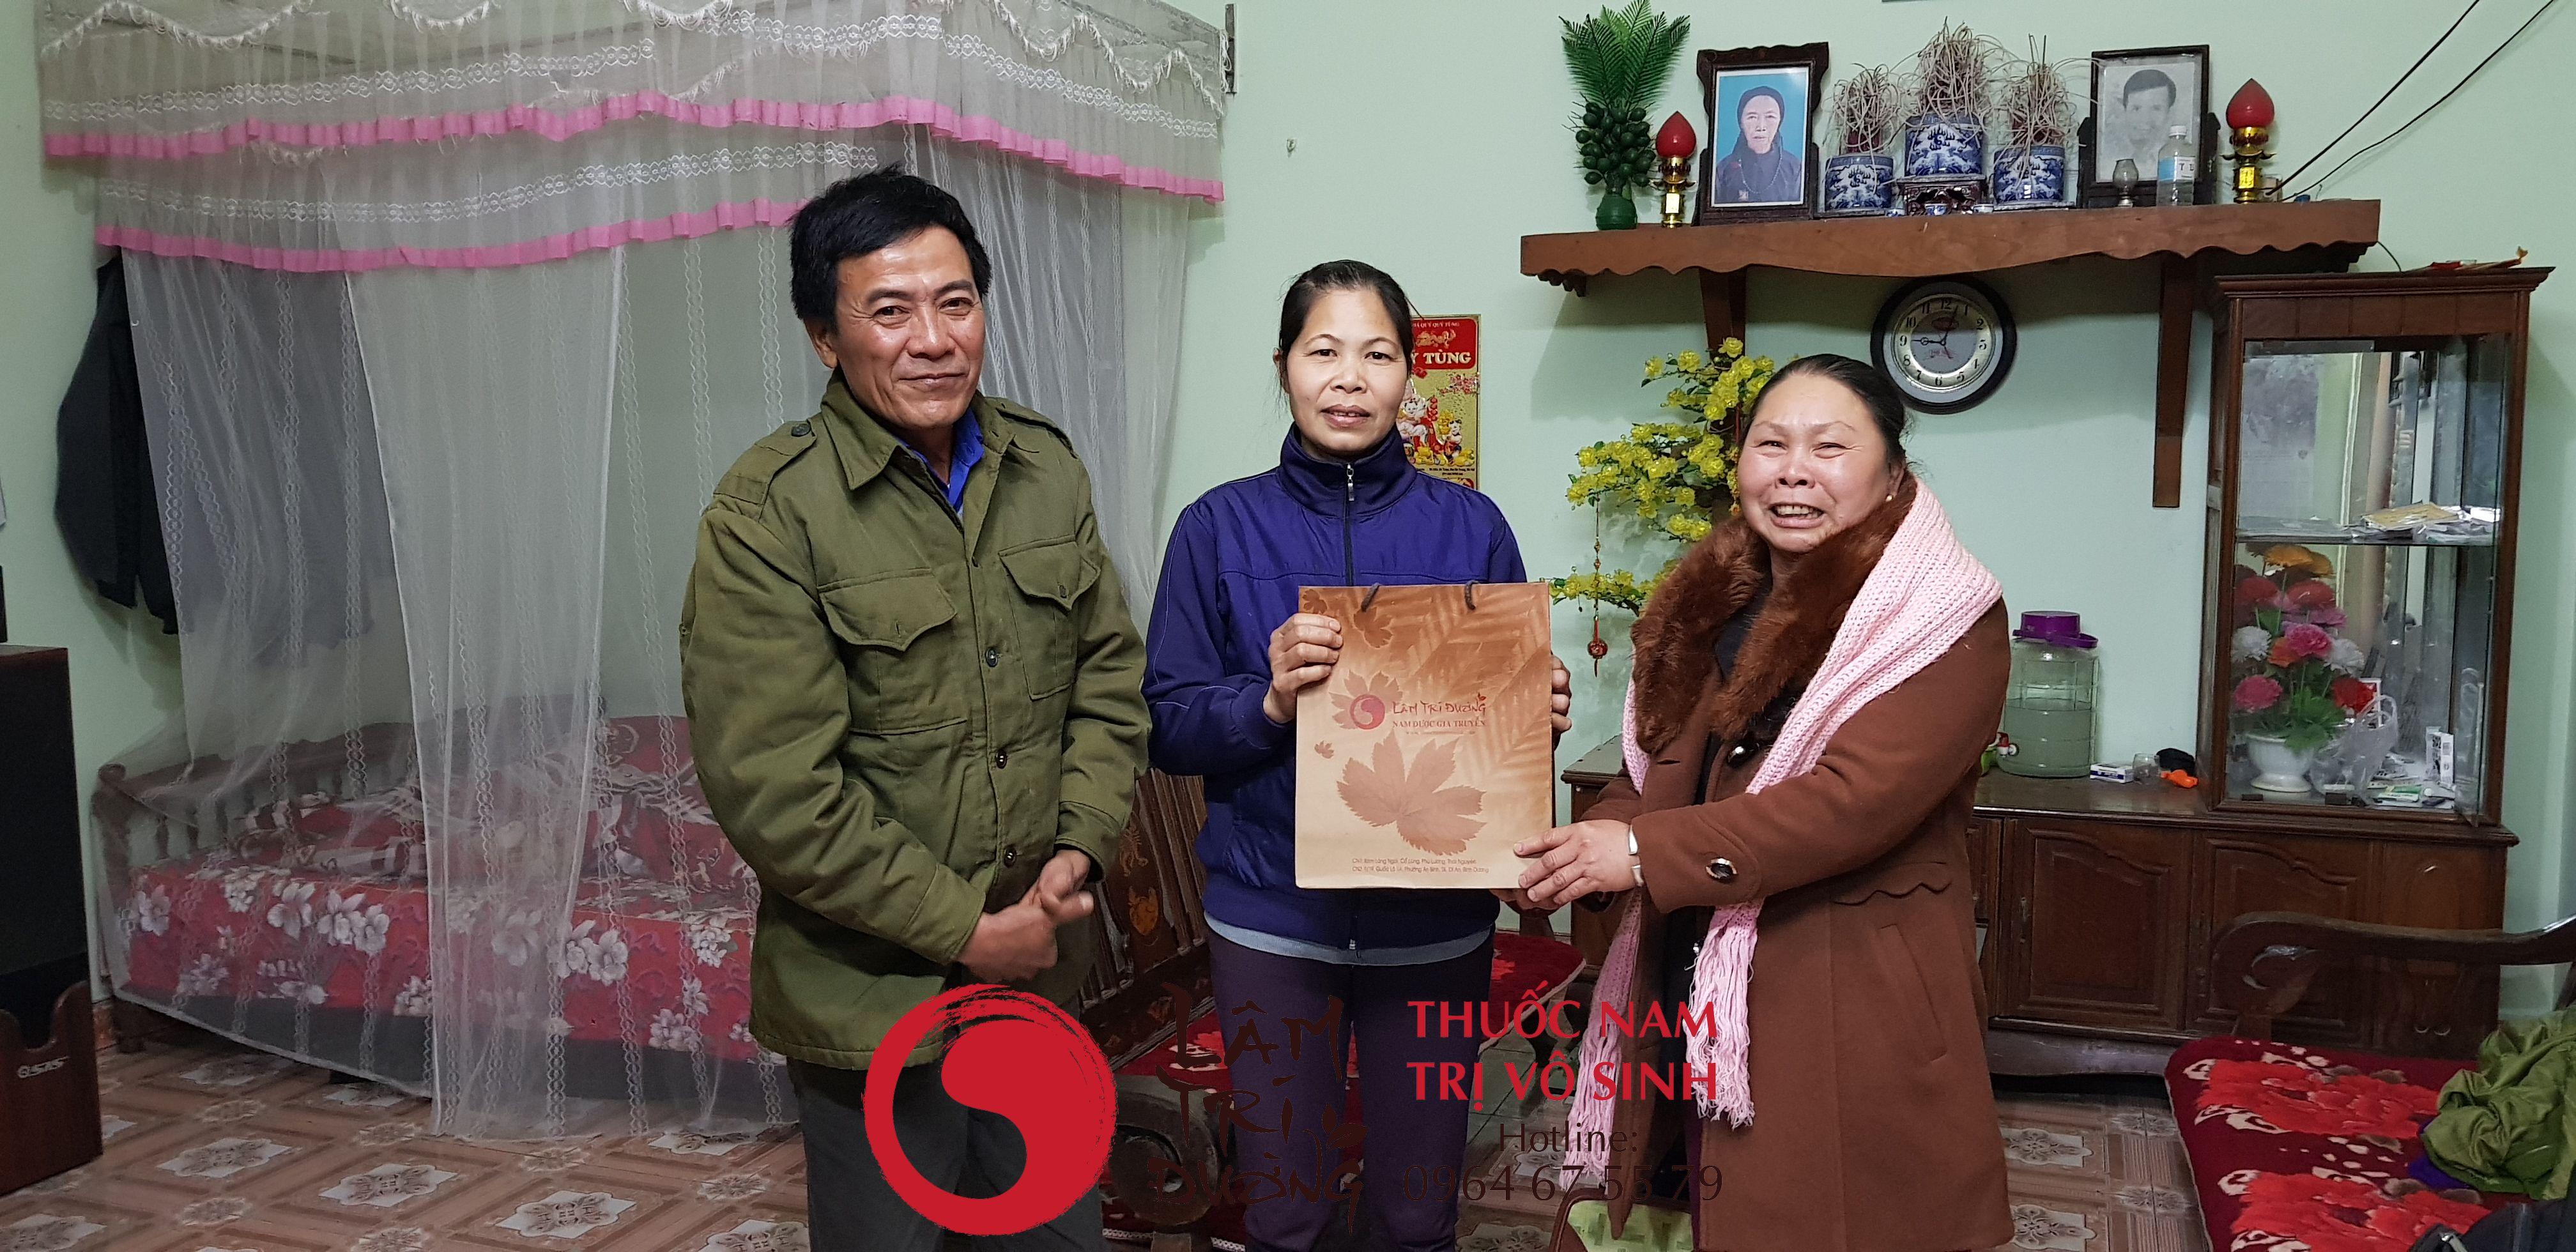 20180130 210324 result - Vợ Chồng Chú Trần Công Hoàn Chi Sẻ Điều Trị Vô Sinh Hiếm Muộn